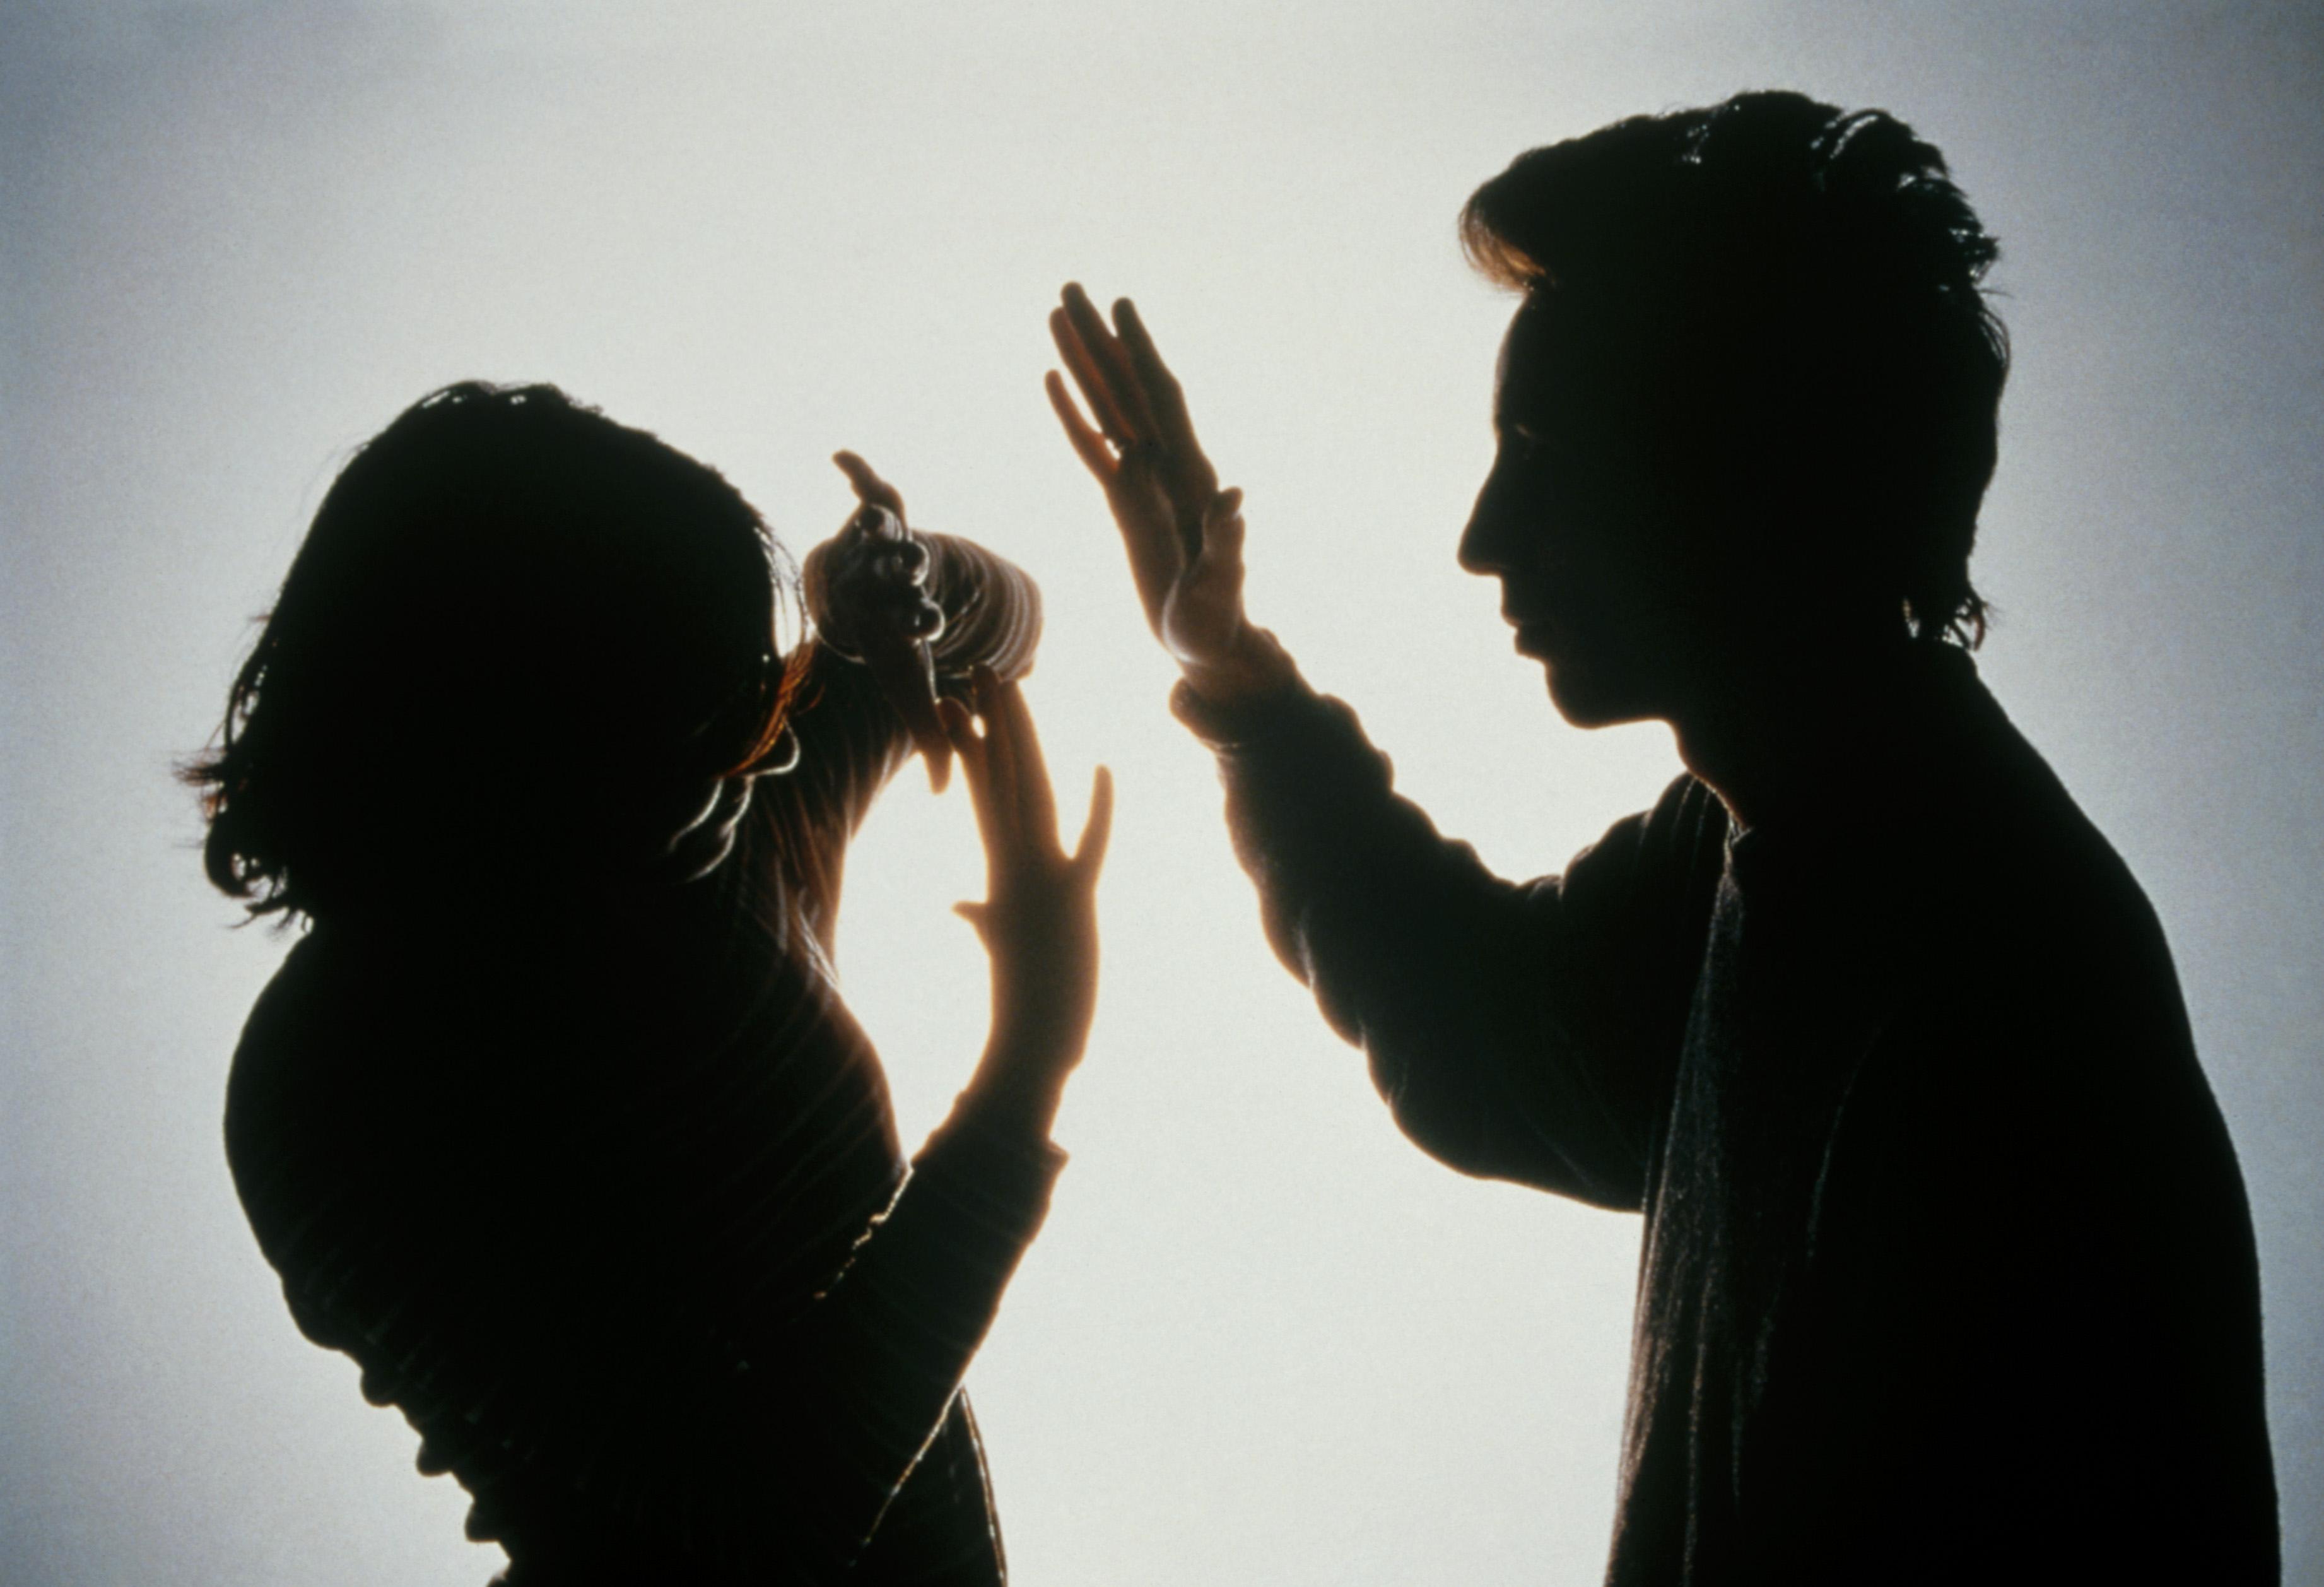 molestie sessuali - Tv. Agcom: molestie sessuali e bolle comunicative. Raccomandazione per corretta rappresentazione immagine della donna nei programmi tv